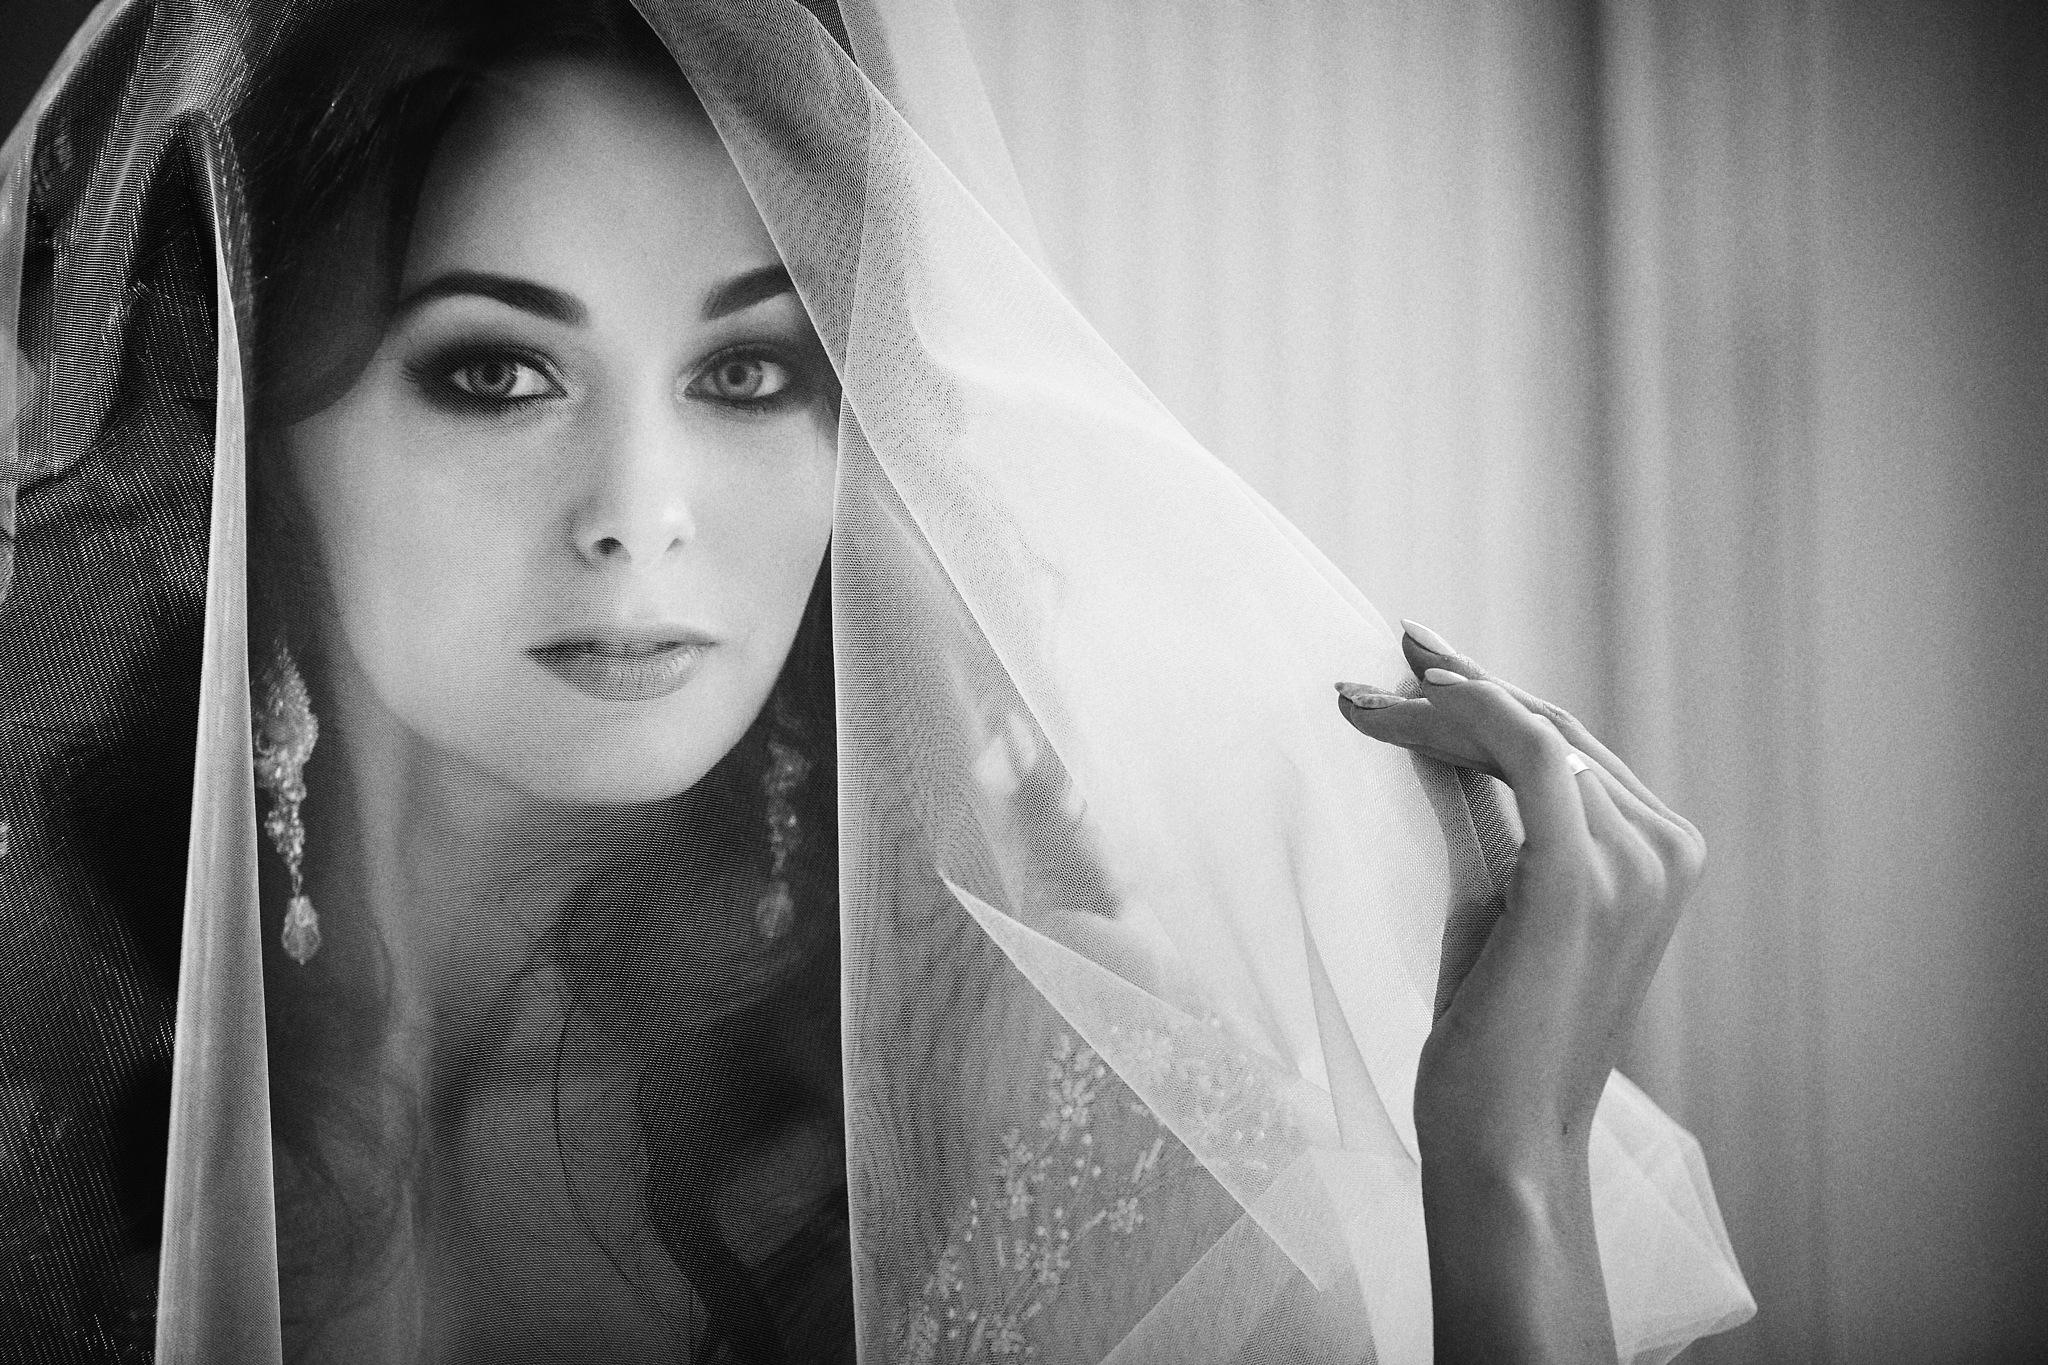 Eyes bride by Pavel Skvortsov